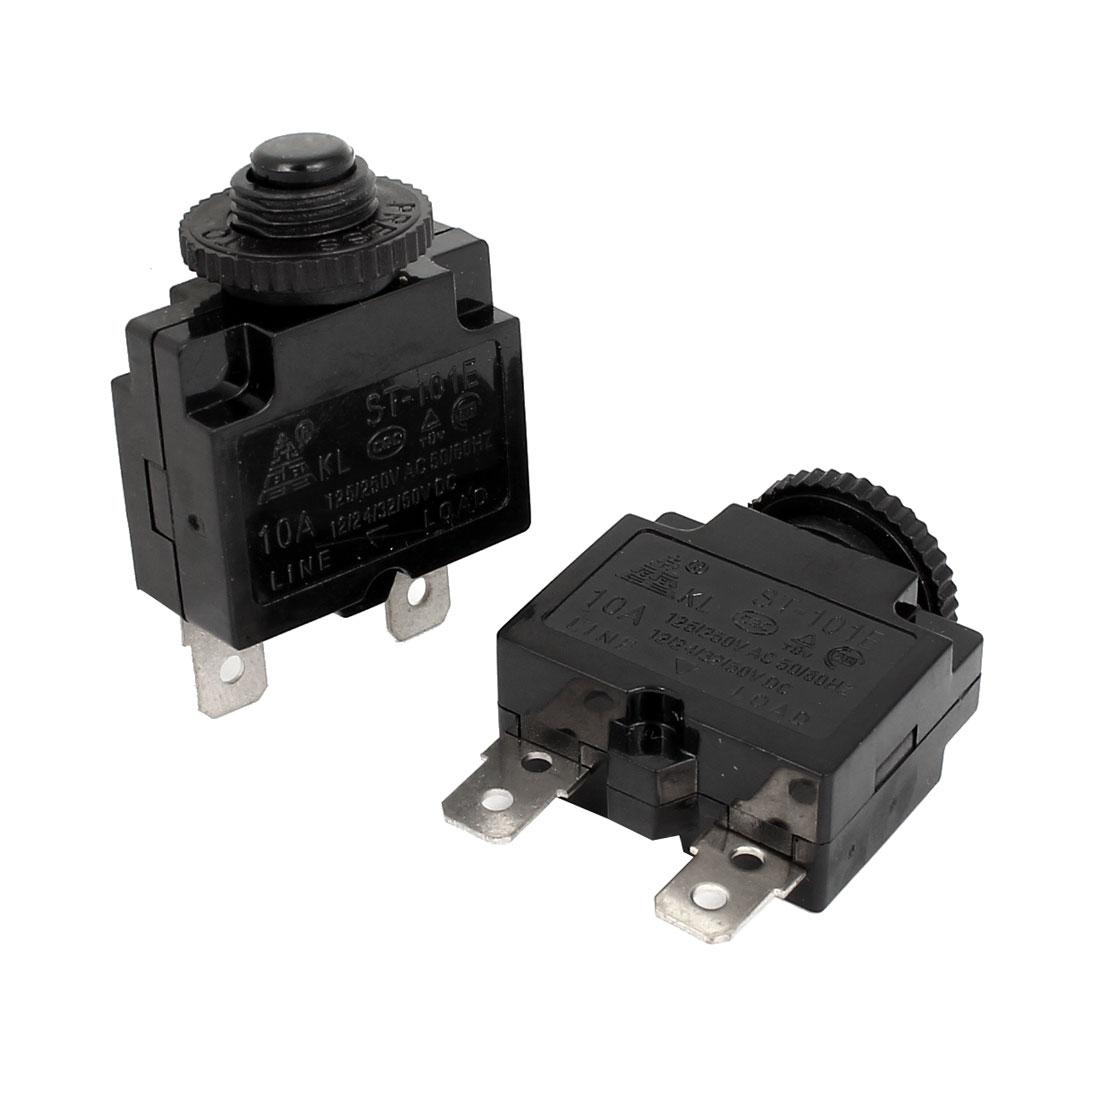 AC 125/250V 10A Plastic Circuit Breaker Overload Protector Black 2pcs